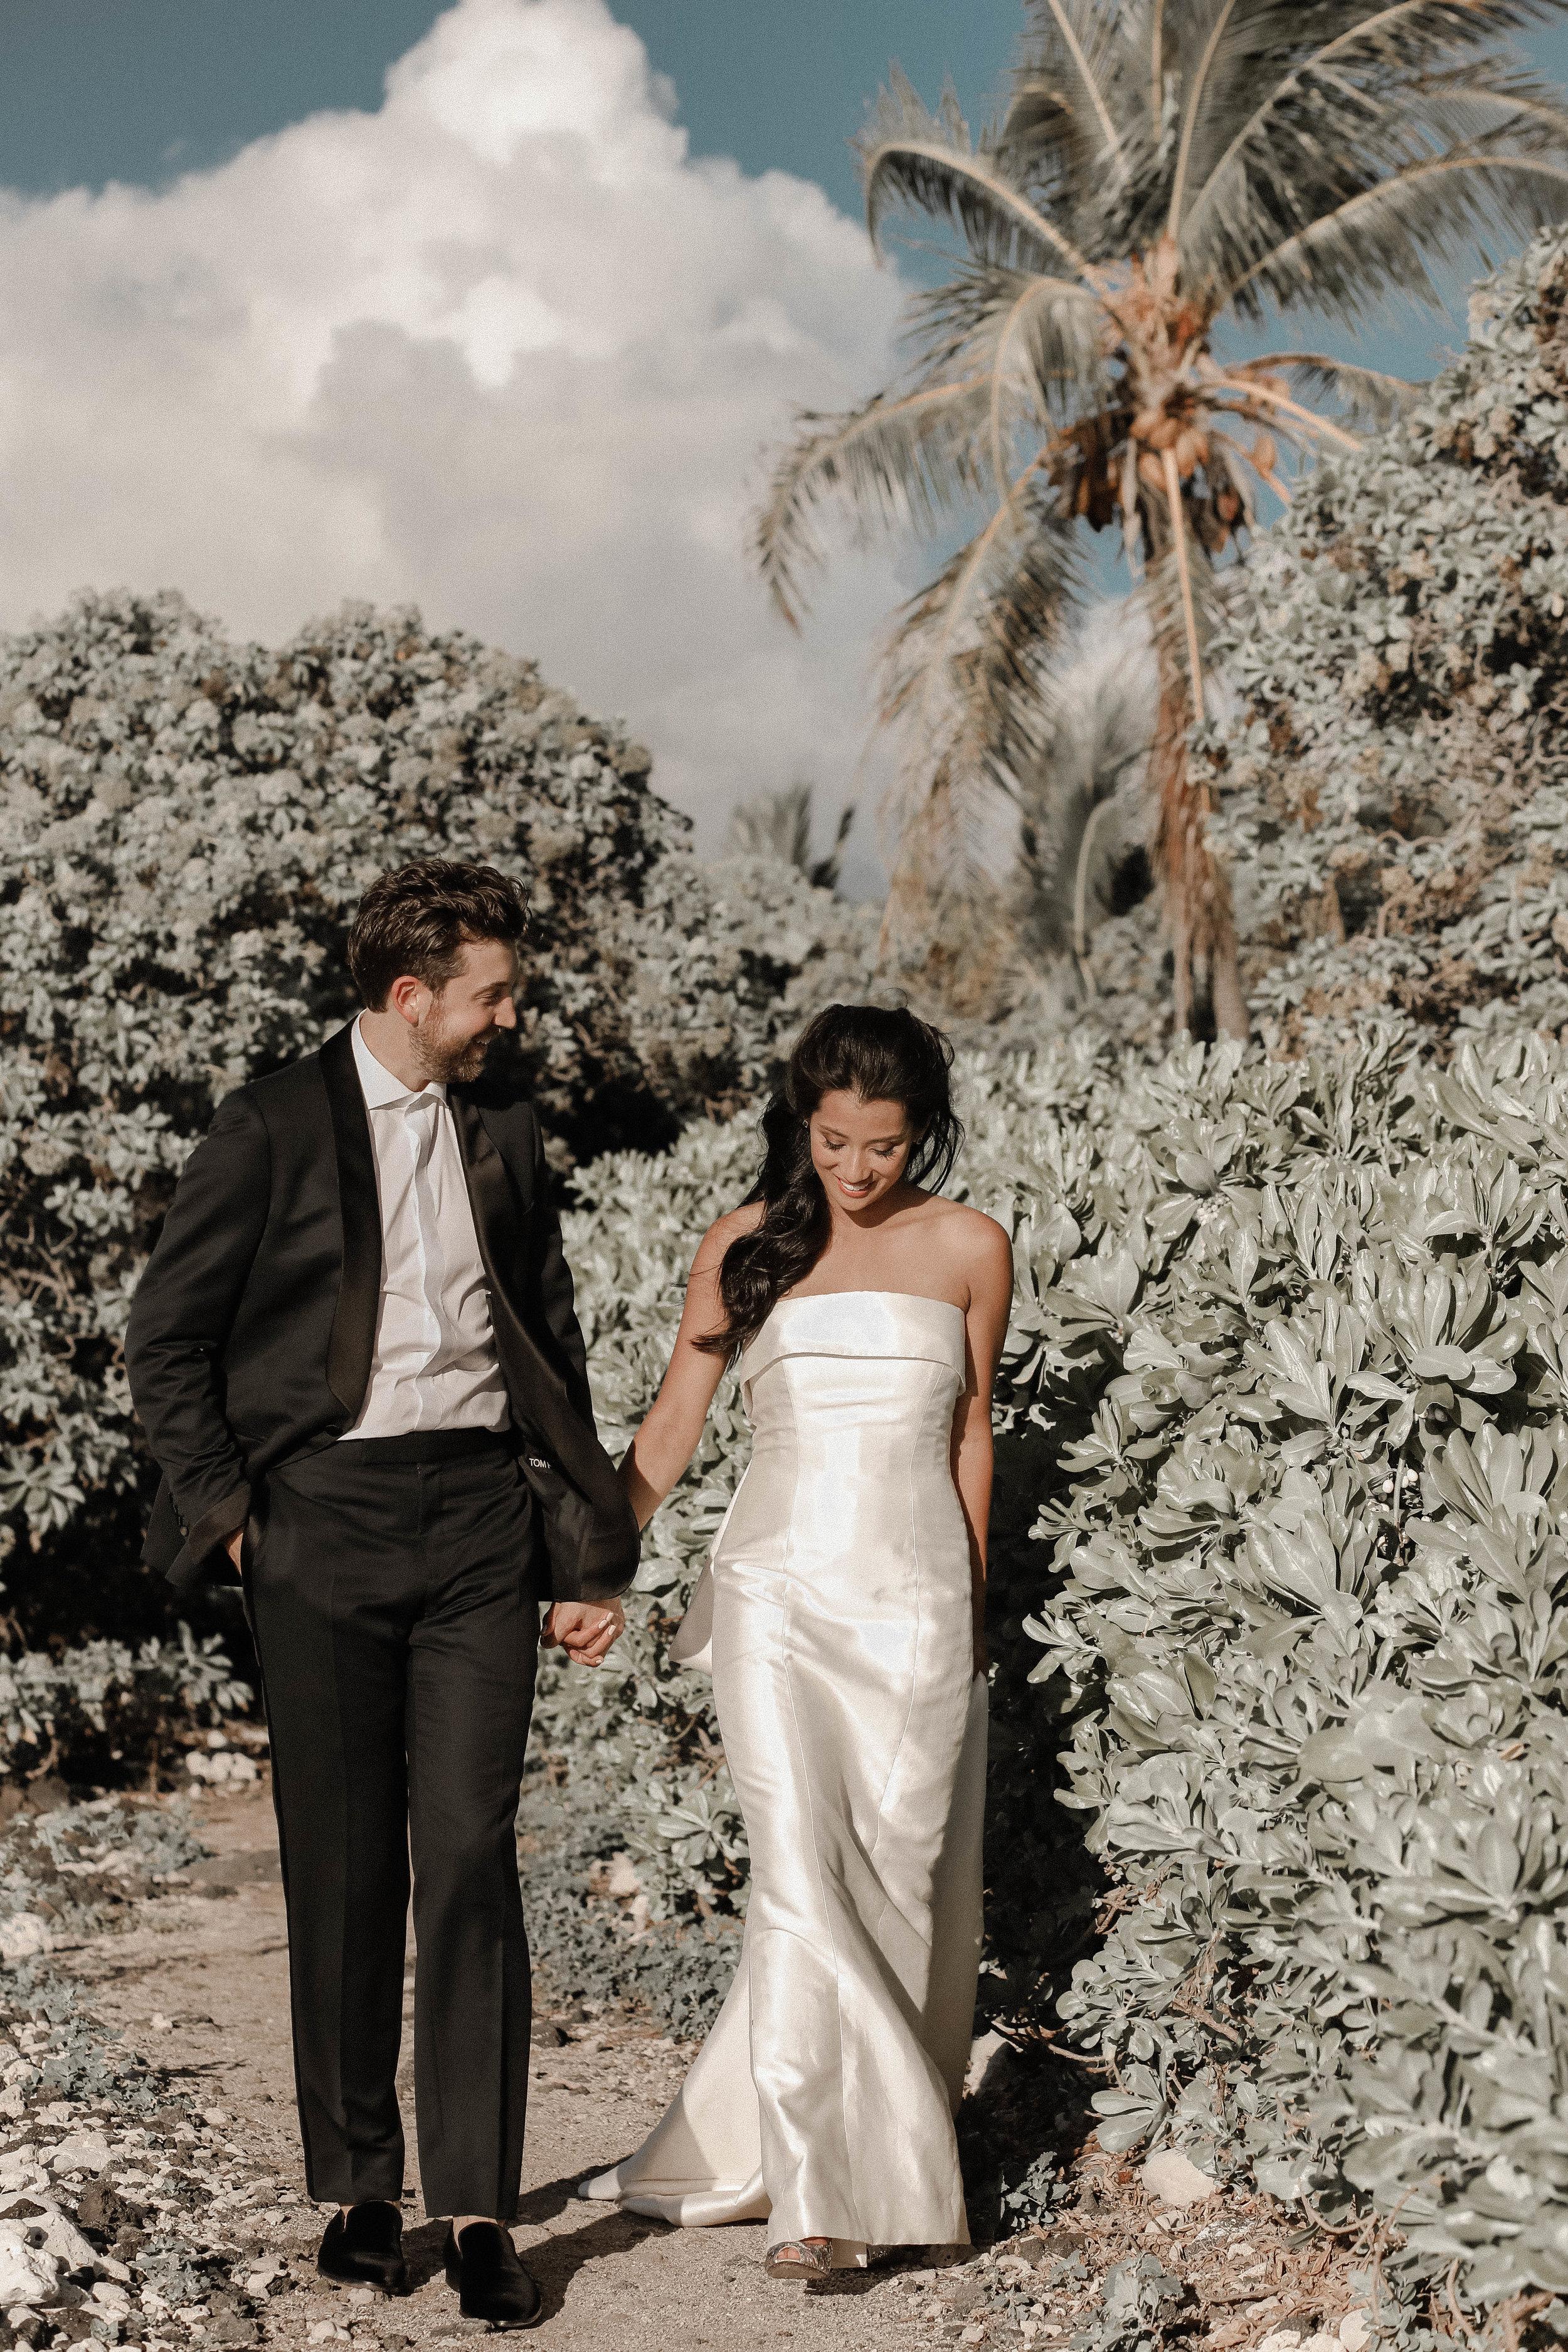 wedding20184M3A1580.jpg